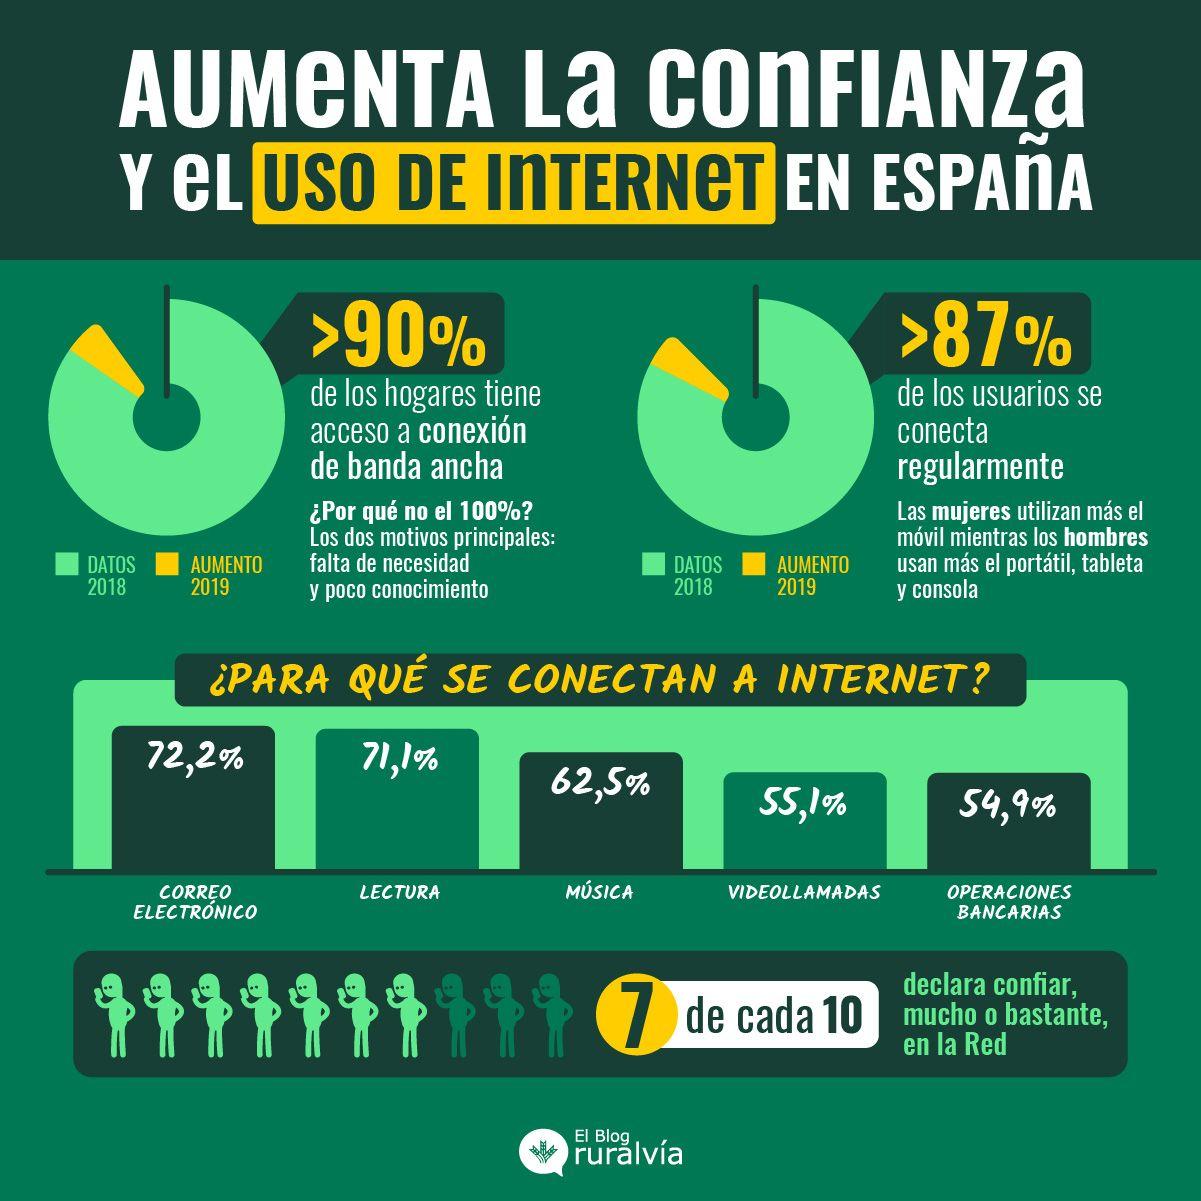 La sociedad y los hogares en España se digitalizan